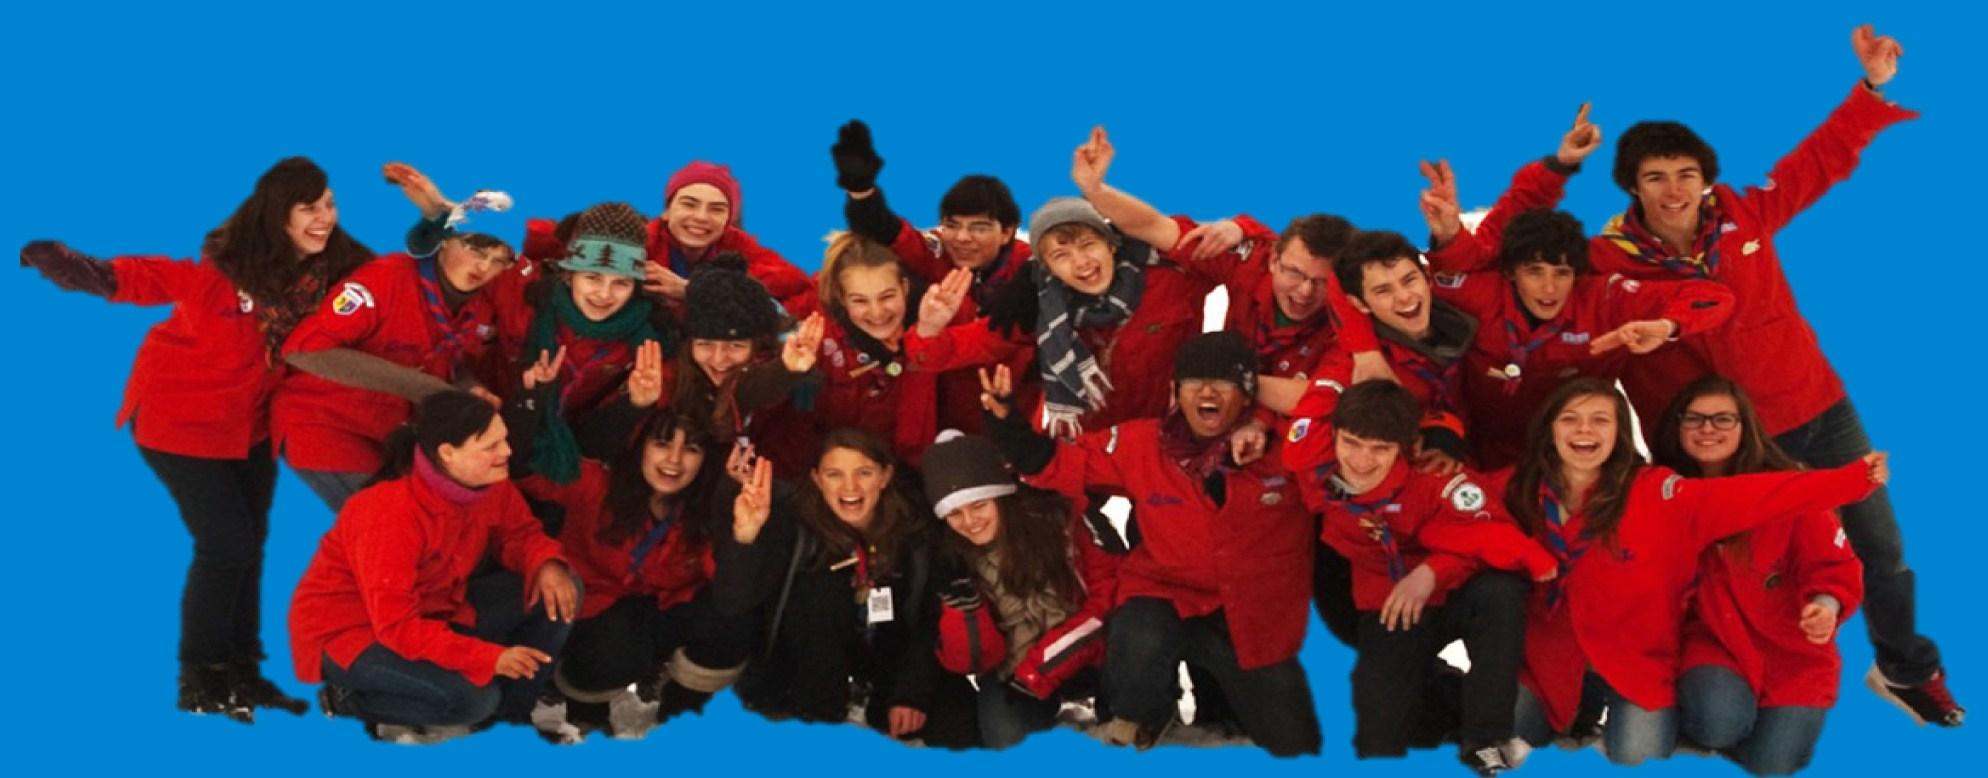 Dîner-spectacle grec organisé par les Scouts et Guides de France de Gap